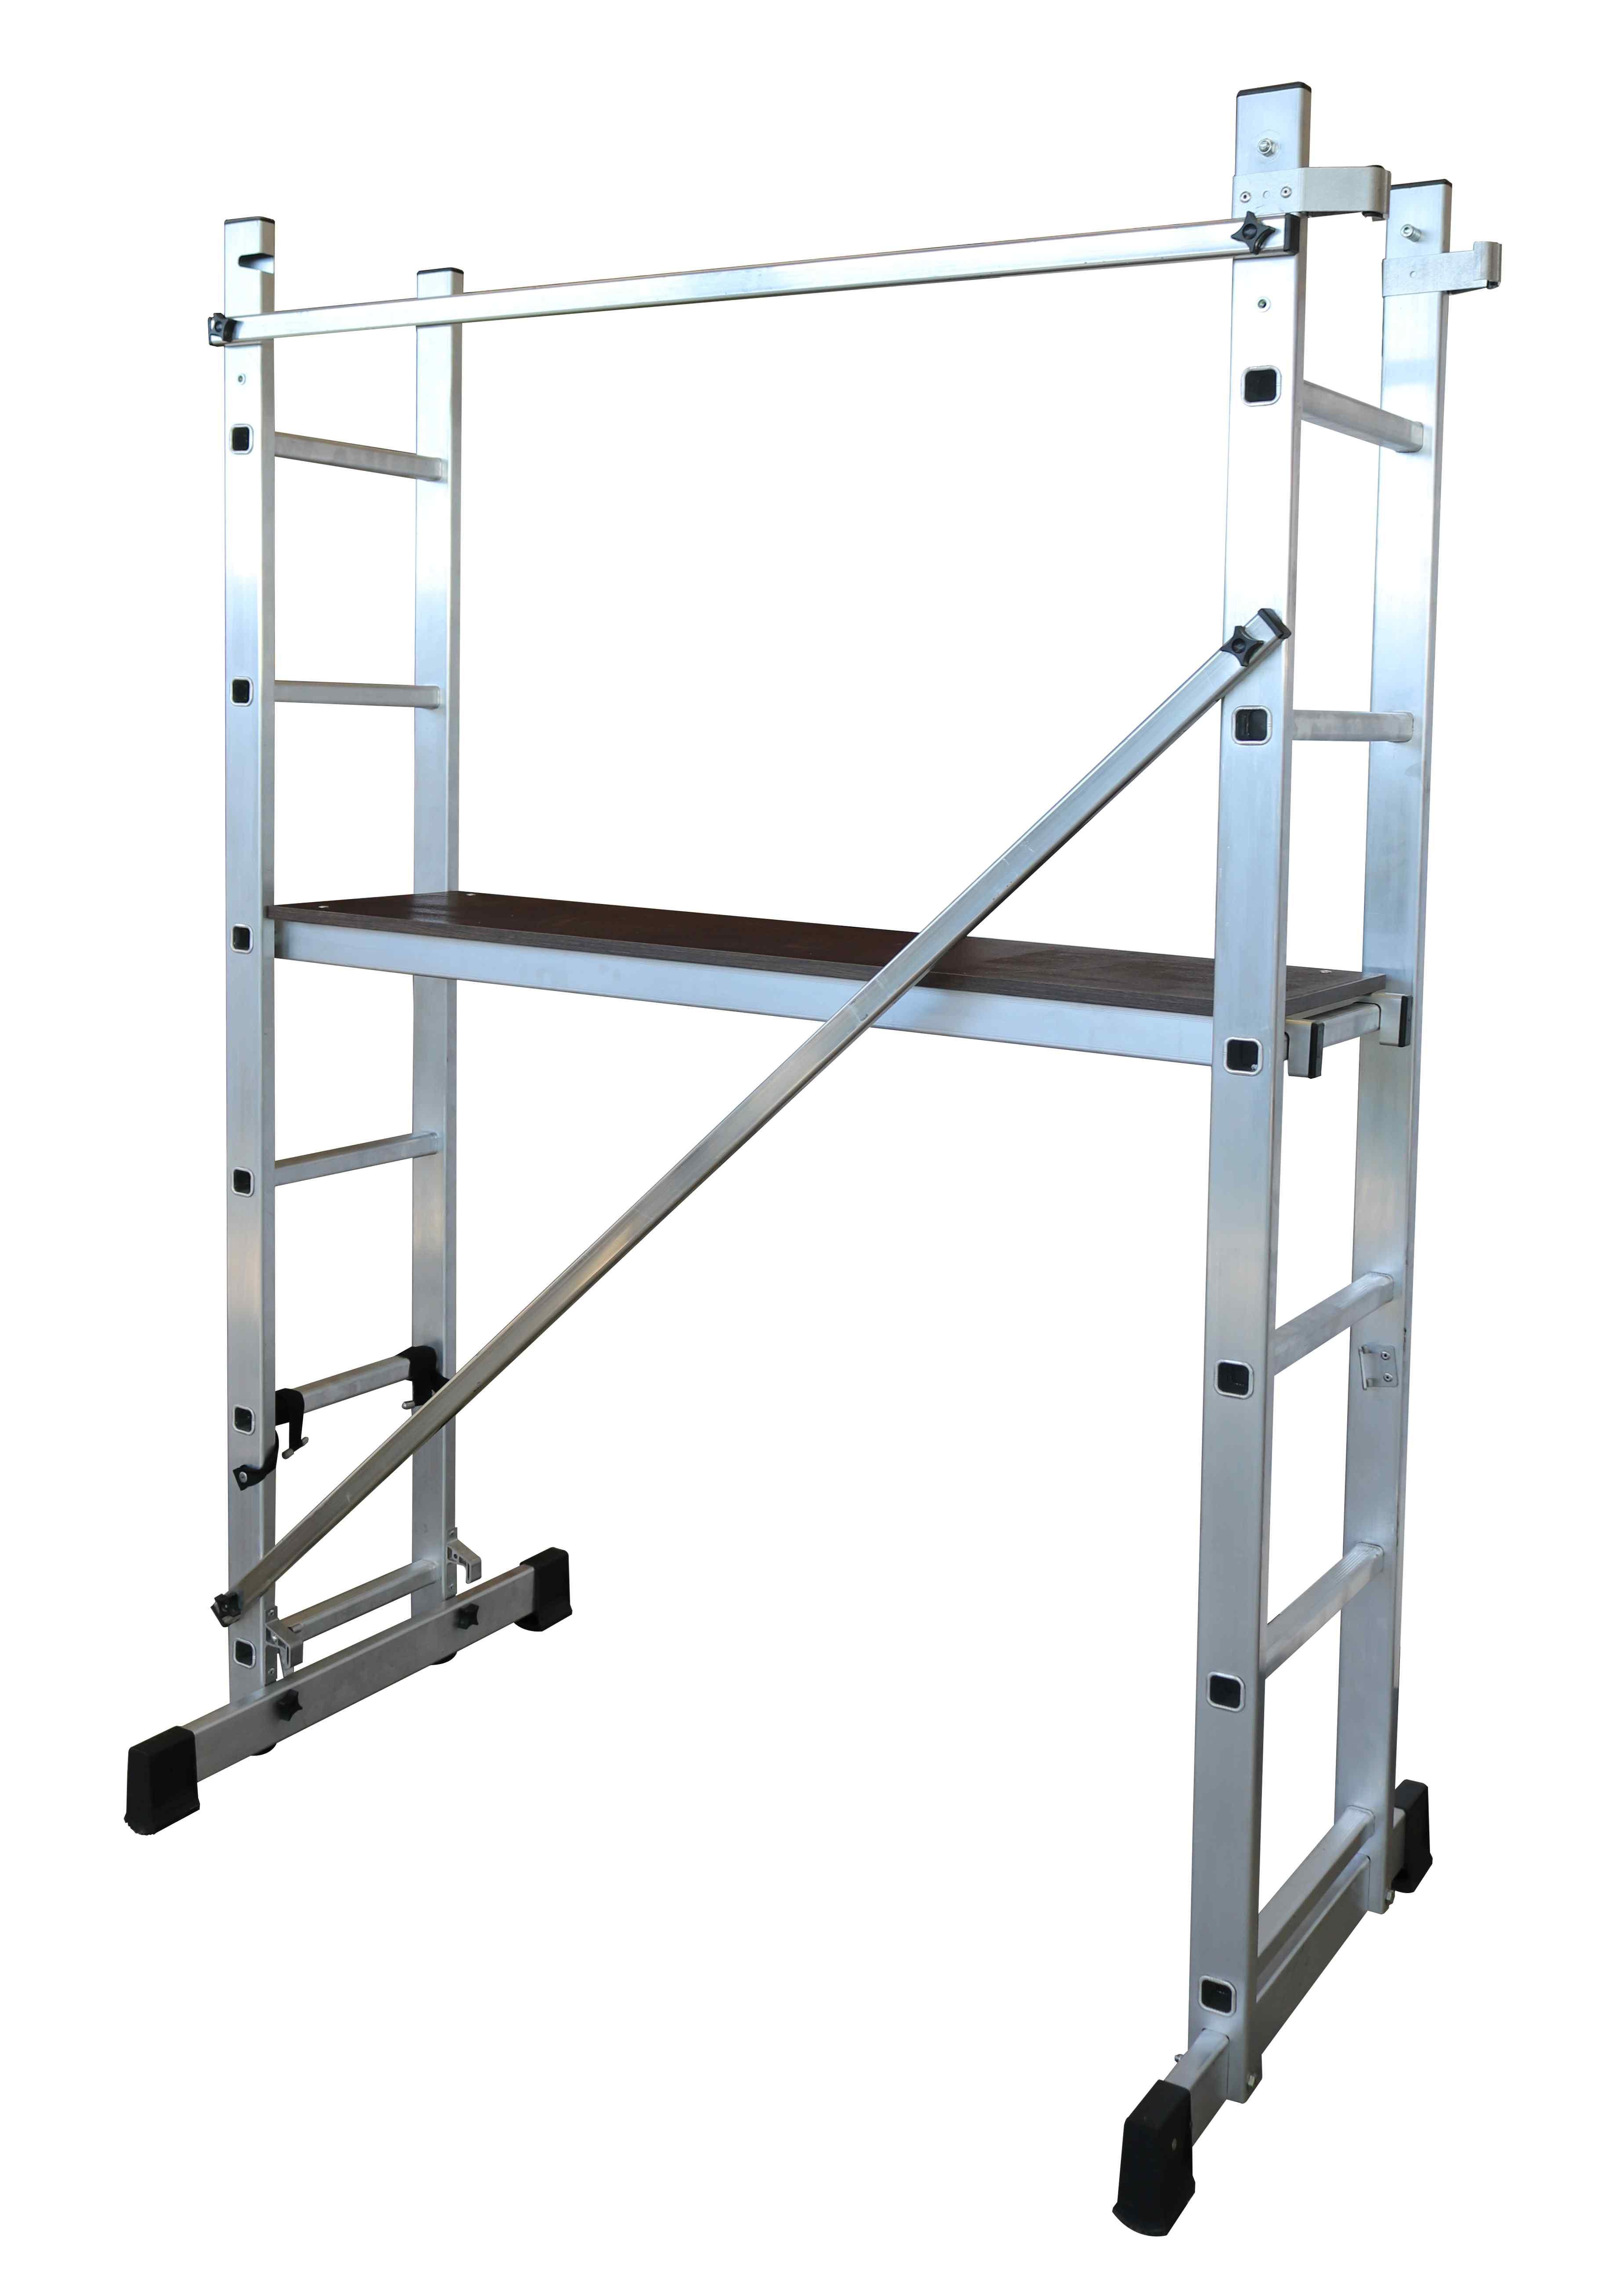 Escalera-Andamio Multiusos Aluminio - 6 x 2 Peldaños